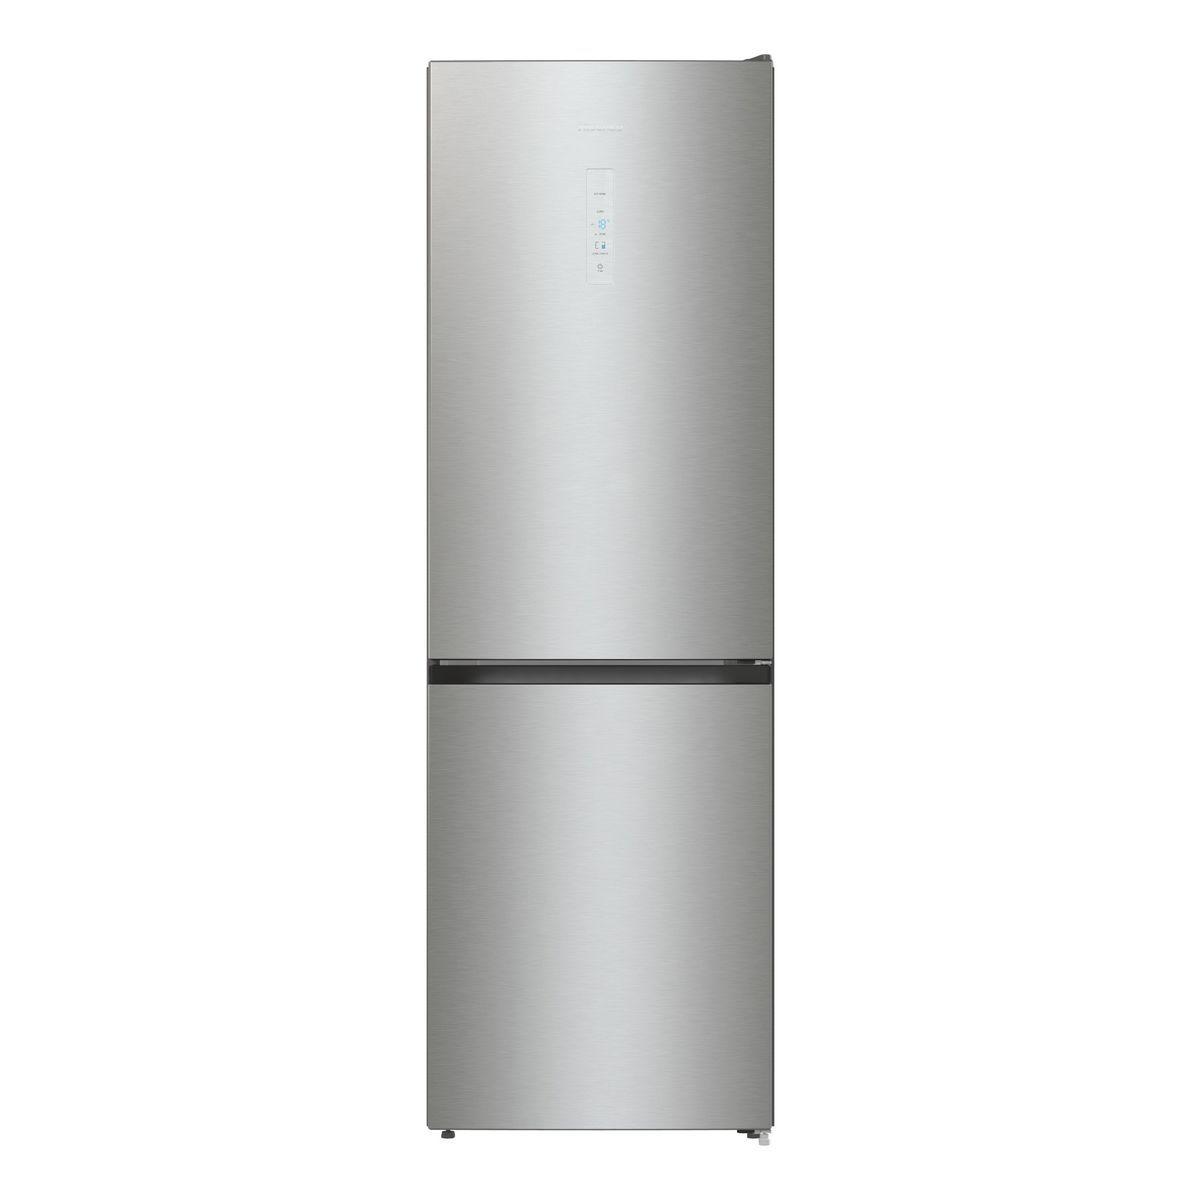 Réfrigérateur combiné RB390N4BC20, 302 L, Total no Frost